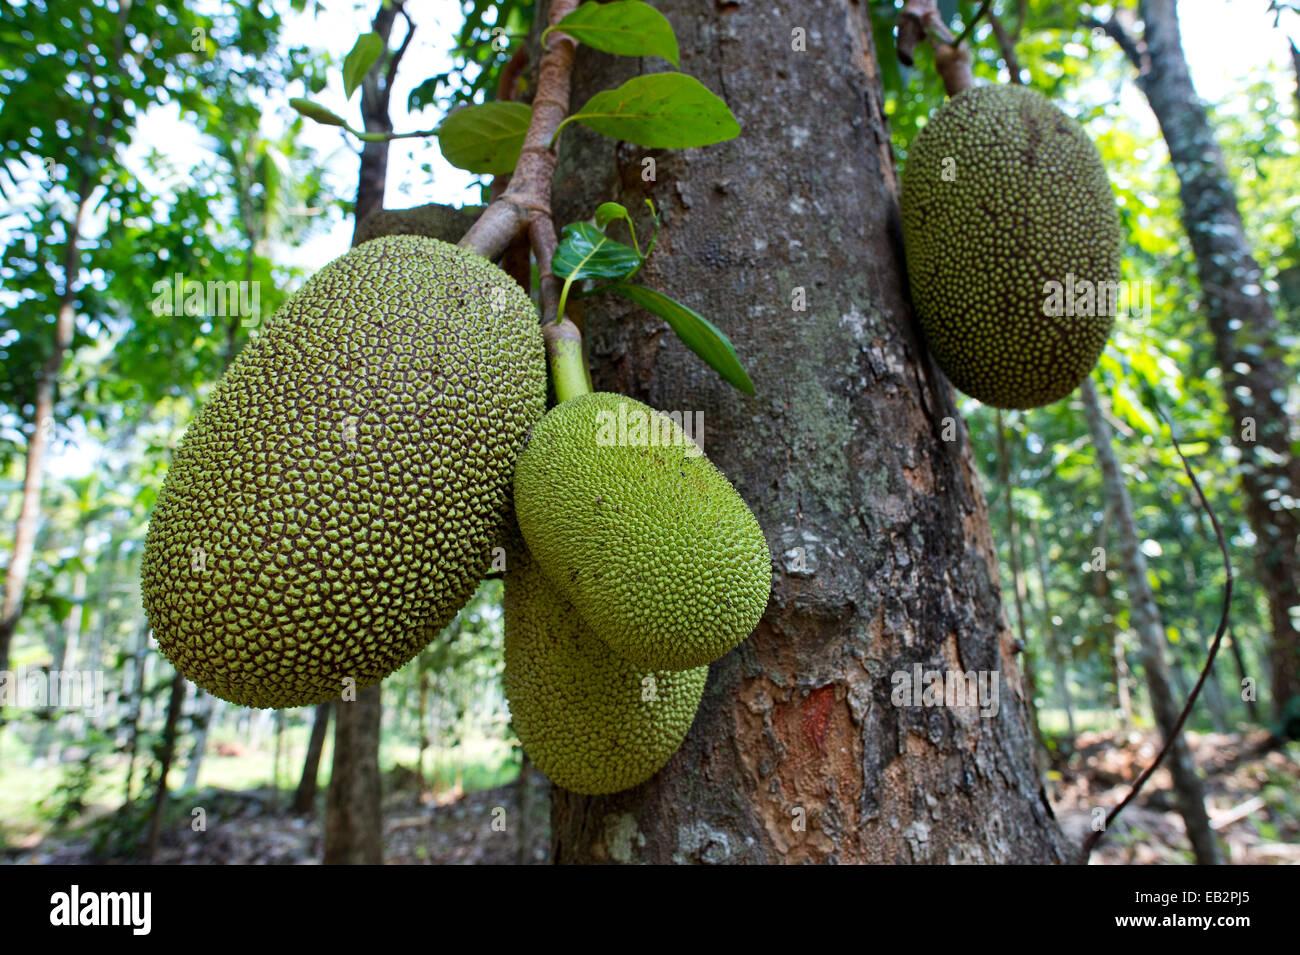 Jack Fruit Kerala Stock Photos & Jack Fruit Kerala Stock ... Soursop Tree In Kerala